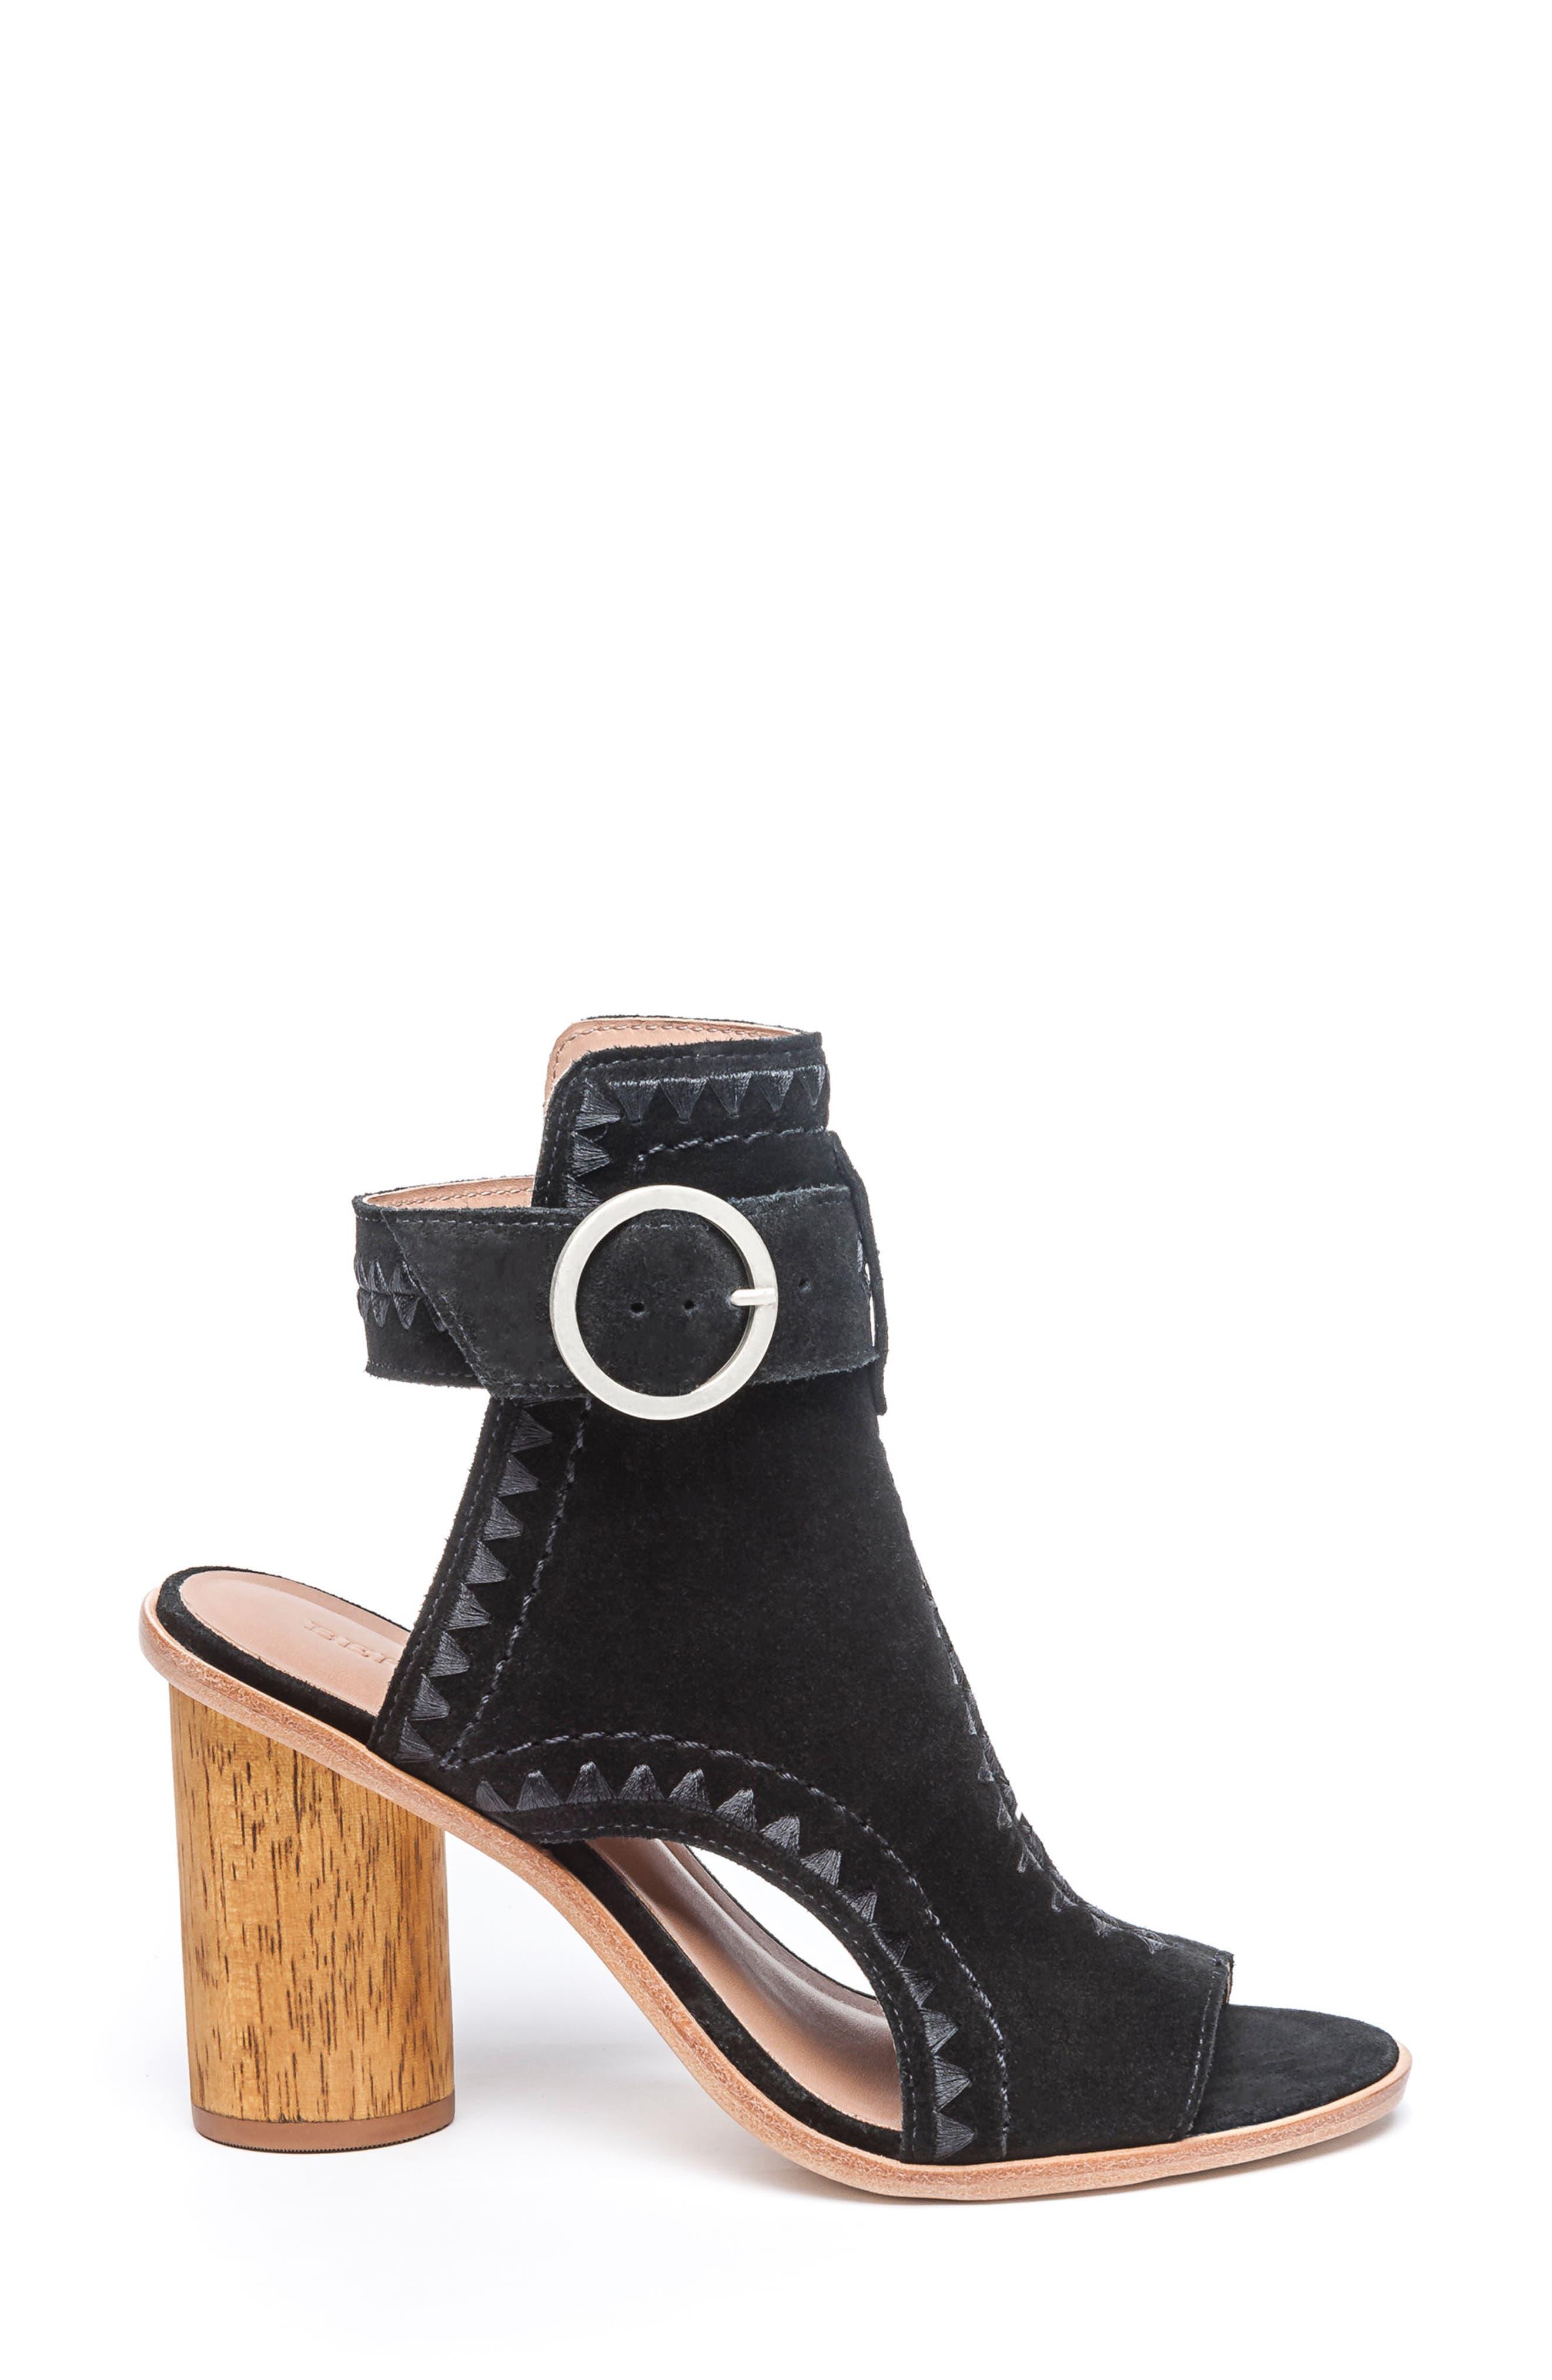 BERNARDO, Harper Embroidered Sandal, Alternate thumbnail 3, color, BLACK LEATHER